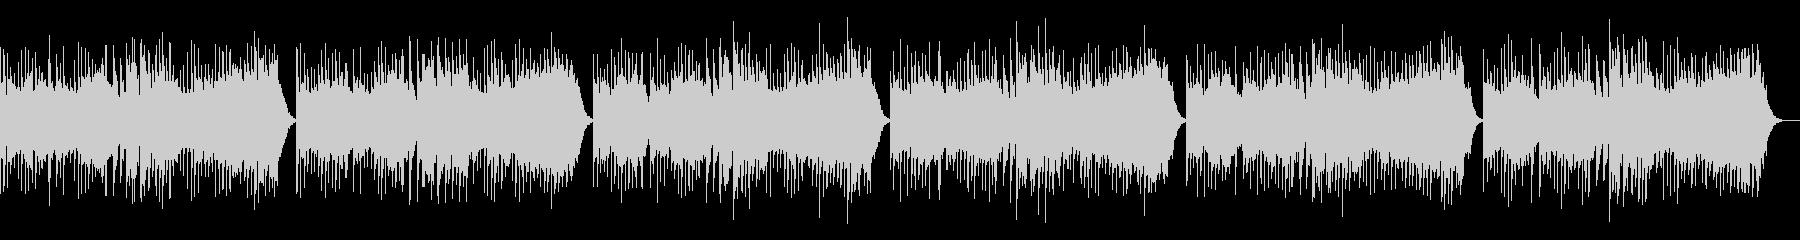 ベートーベン第九 / オルゴールの未再生の波形